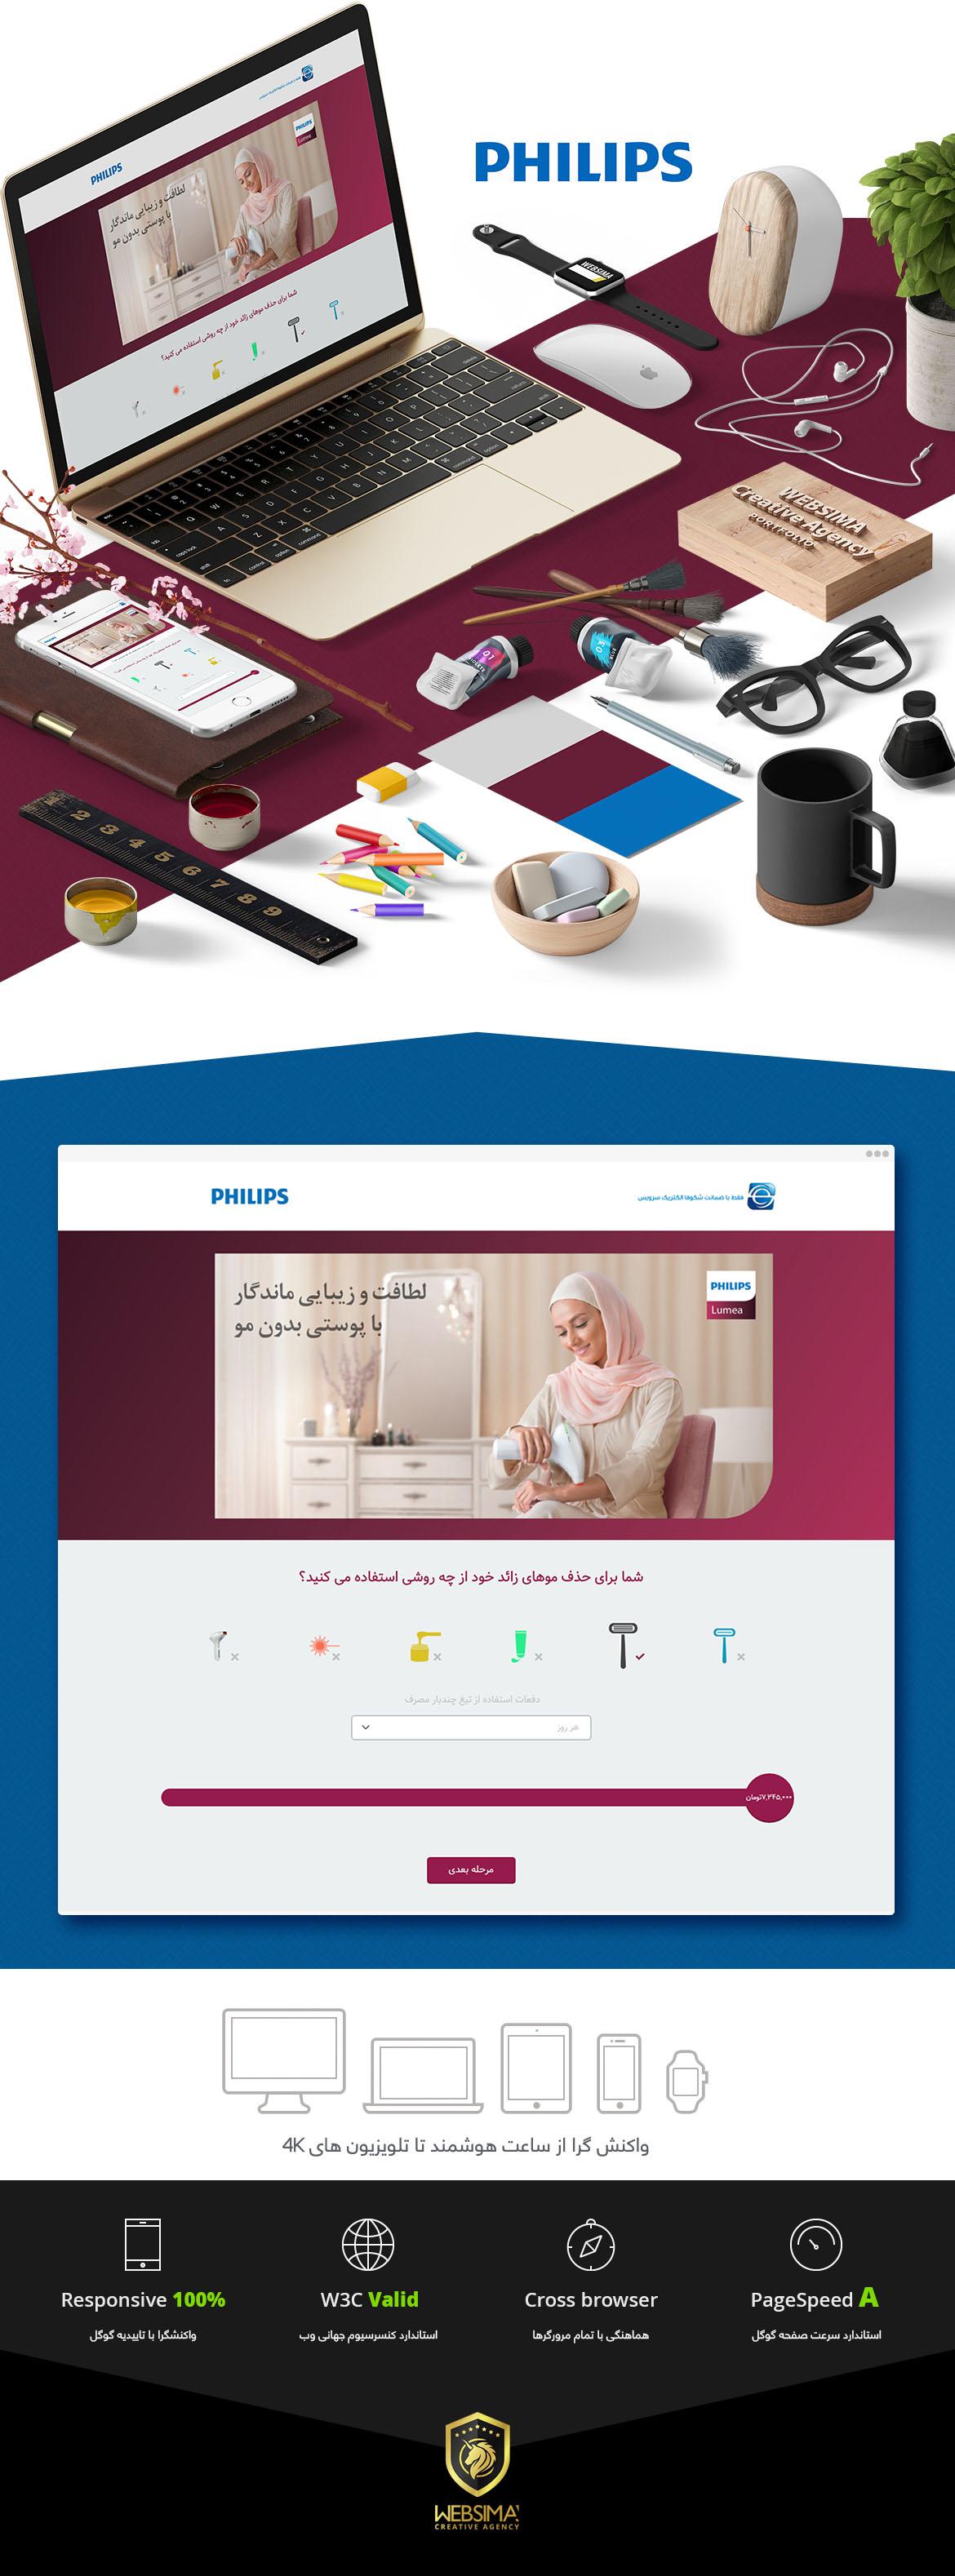 طراحی سایت خلاقانه فیلیپس